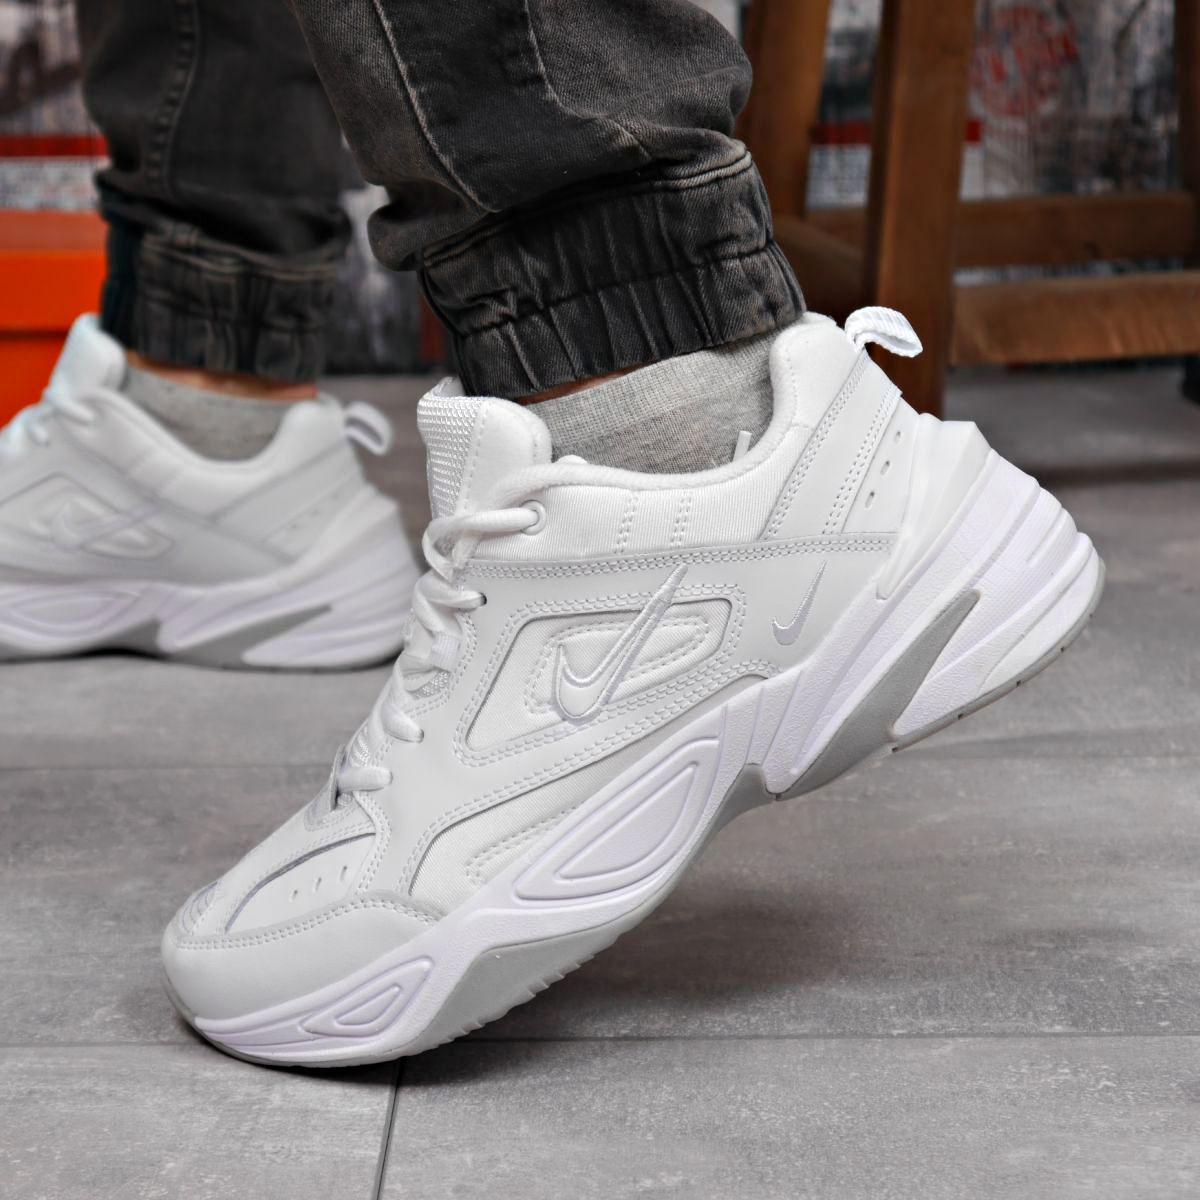 Кросівки чоловічі 18201, Nike M2K Tekno, білі, [ 41 42 43 44 45 46 ] р. 41-26,2 див. 44